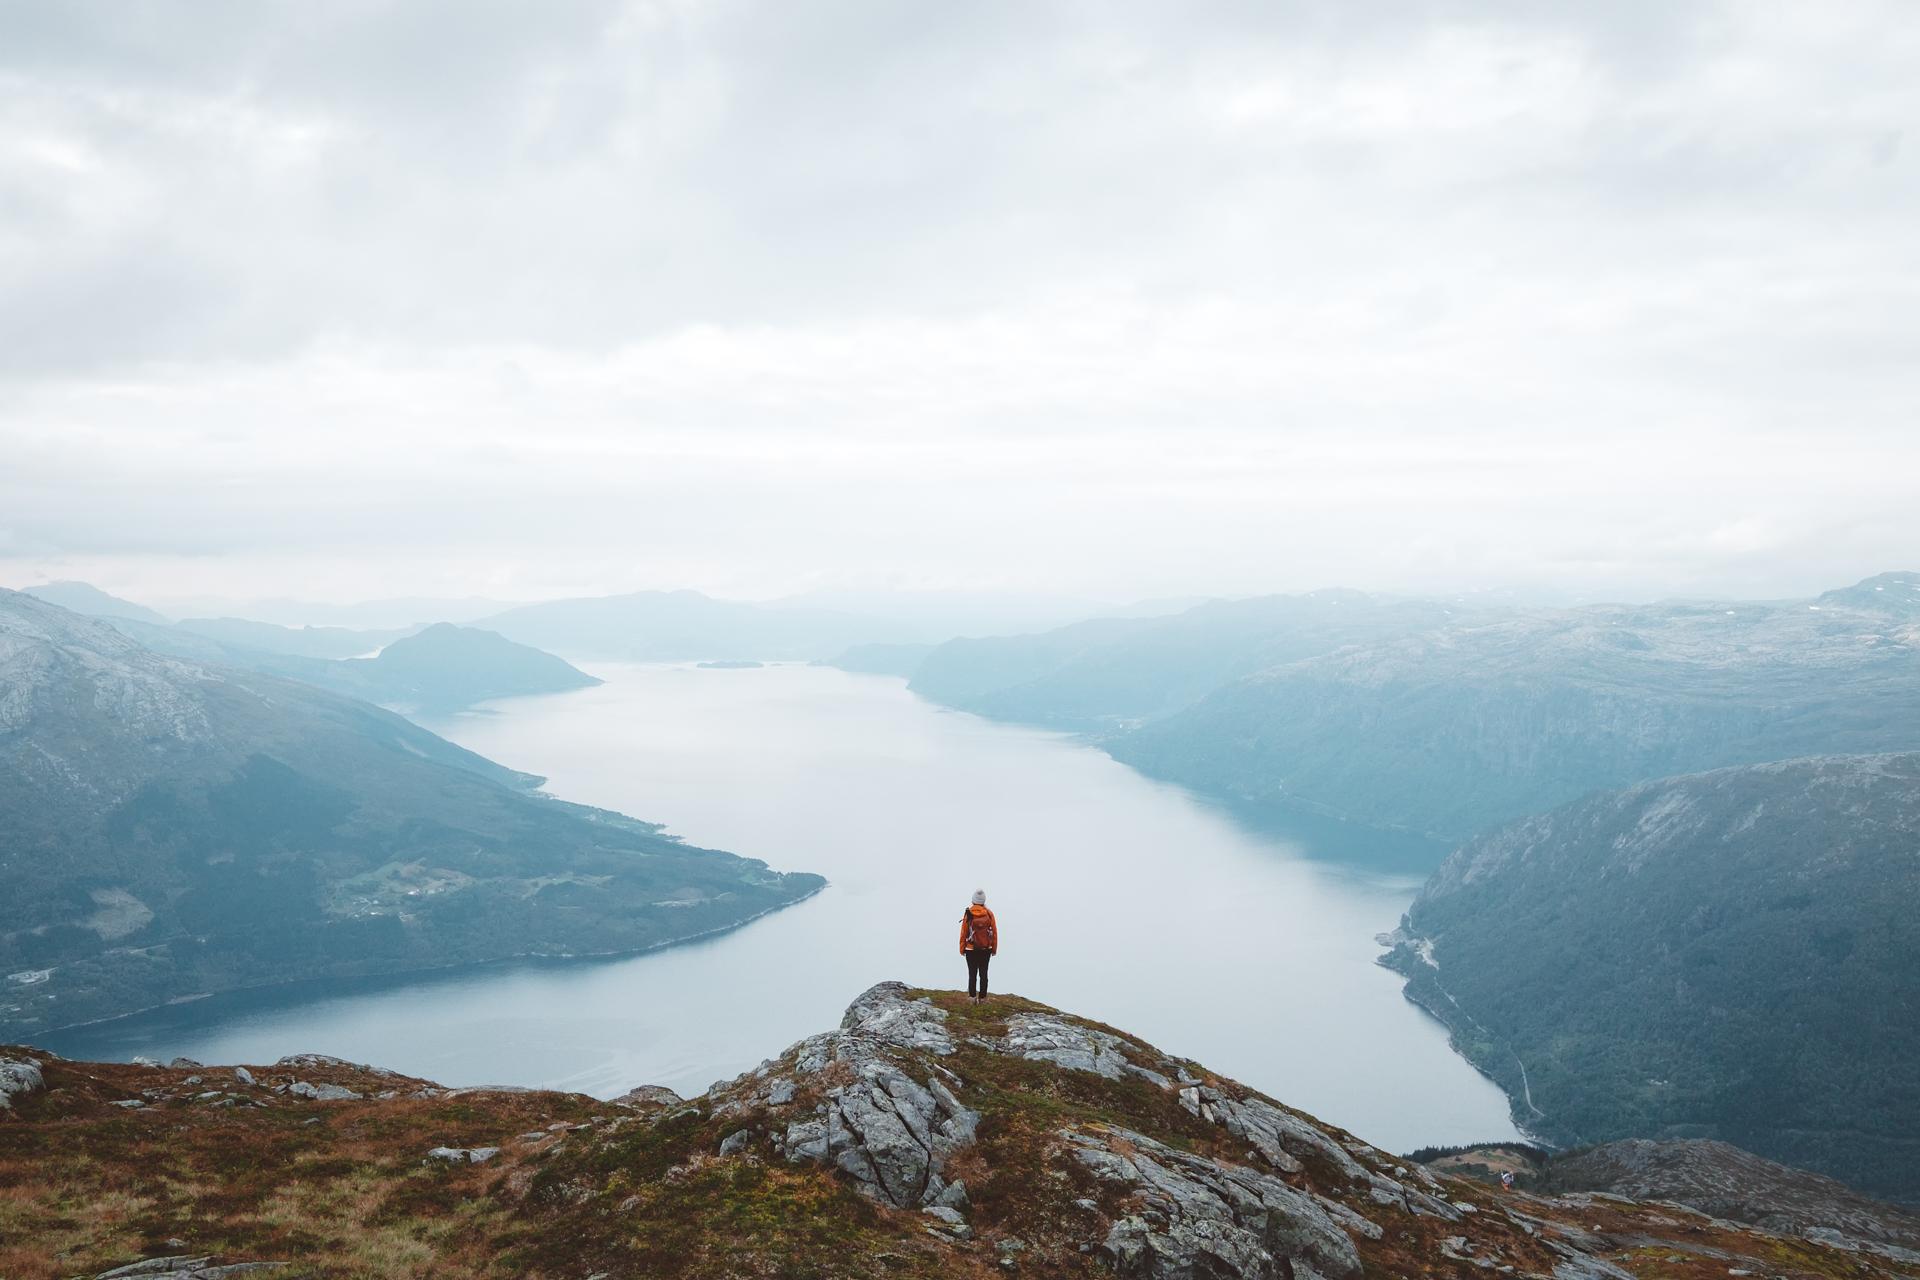 Mount Oksen,哈当厄尔峡湾,挪威,峡湾